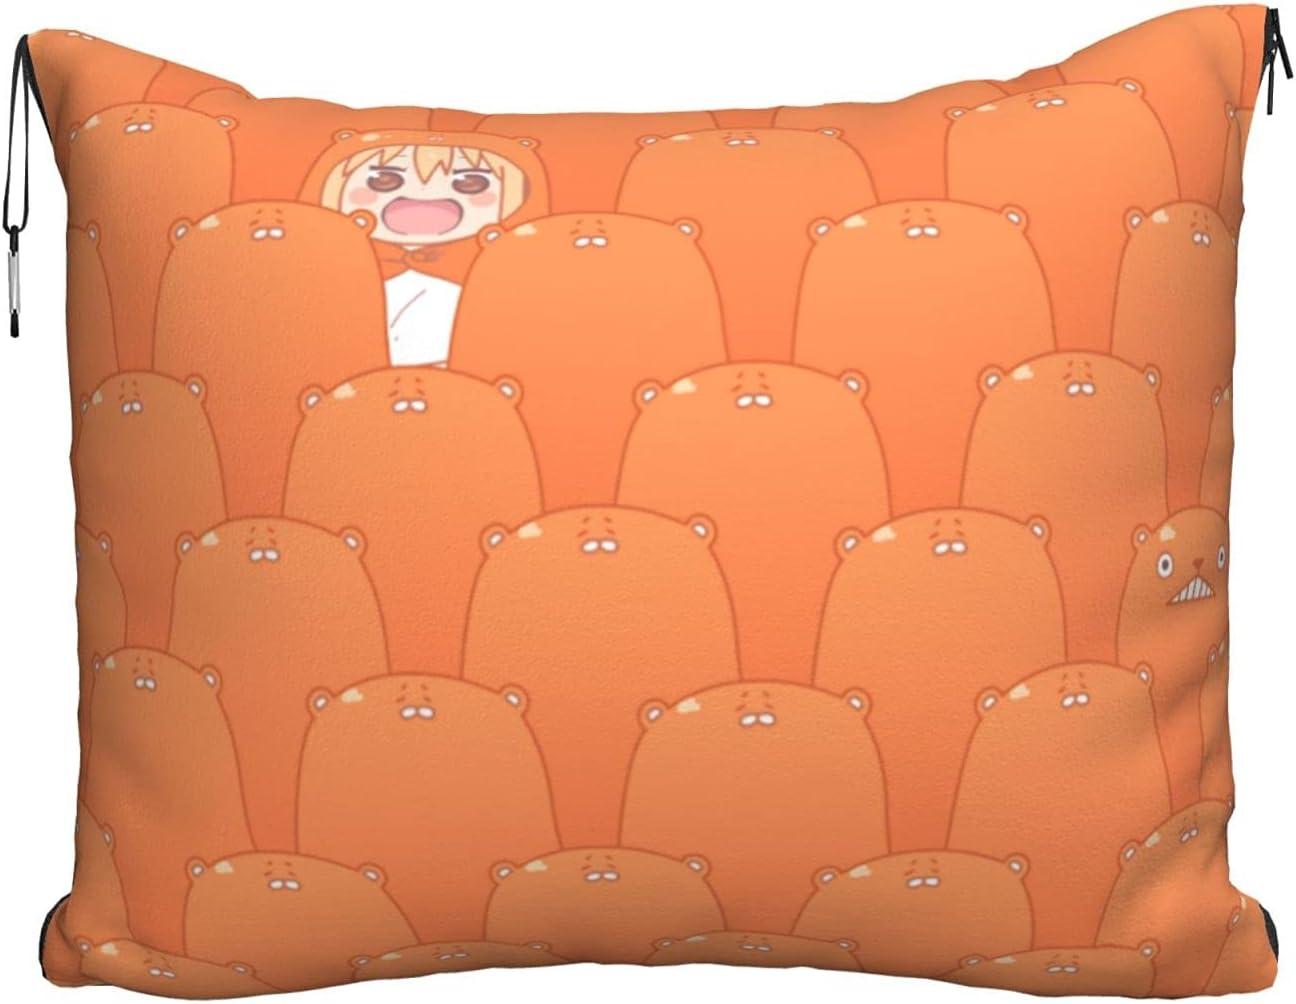 Nippon regular agency Umaru-Chan Travel Free shipping New Blanket and Pillow Set - 2 in + Velvet Flann 1